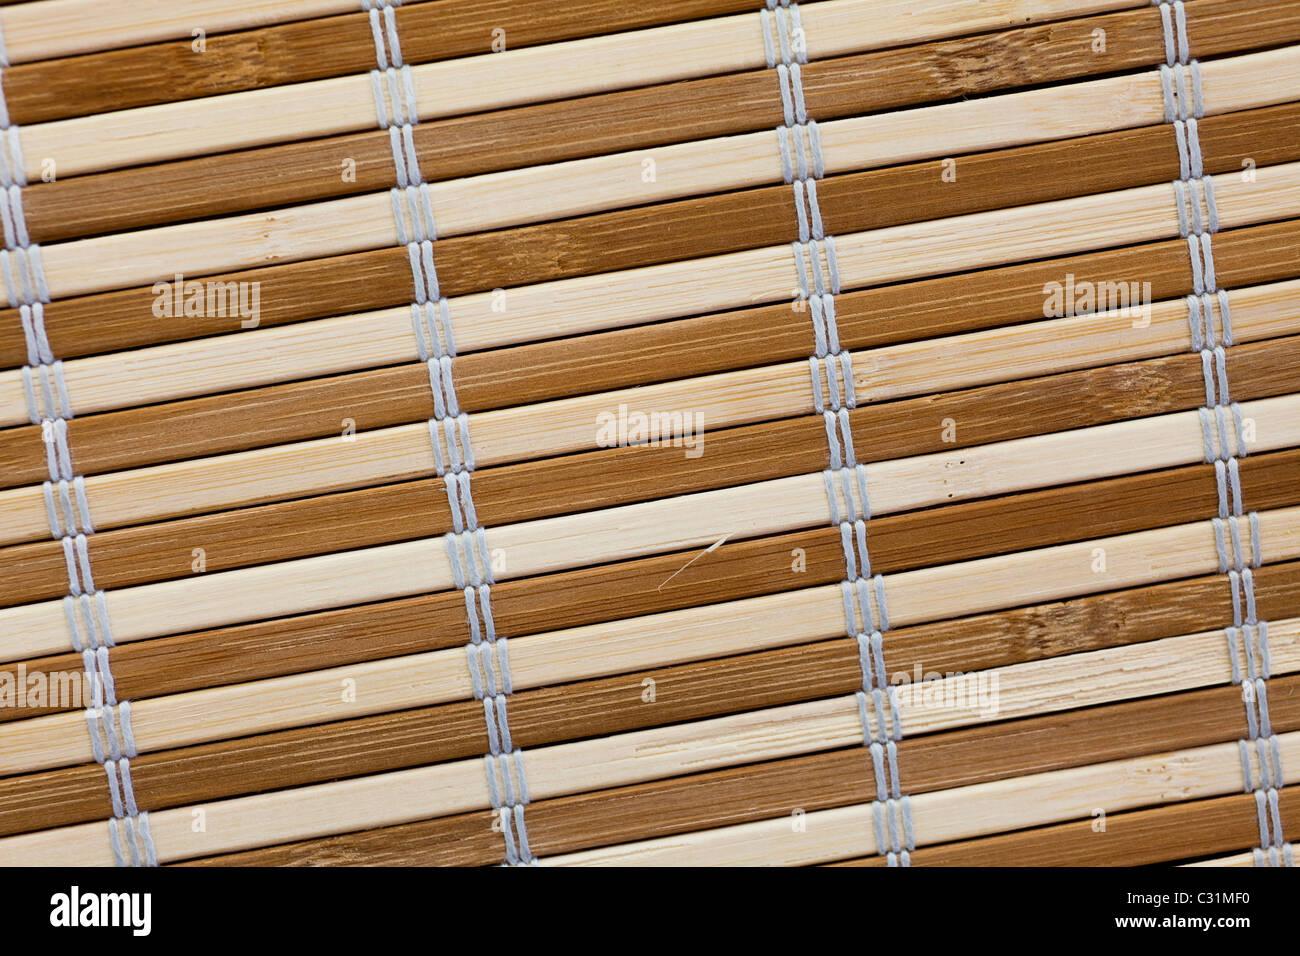 Arrière-plan de nattes de bambou Photo Stock